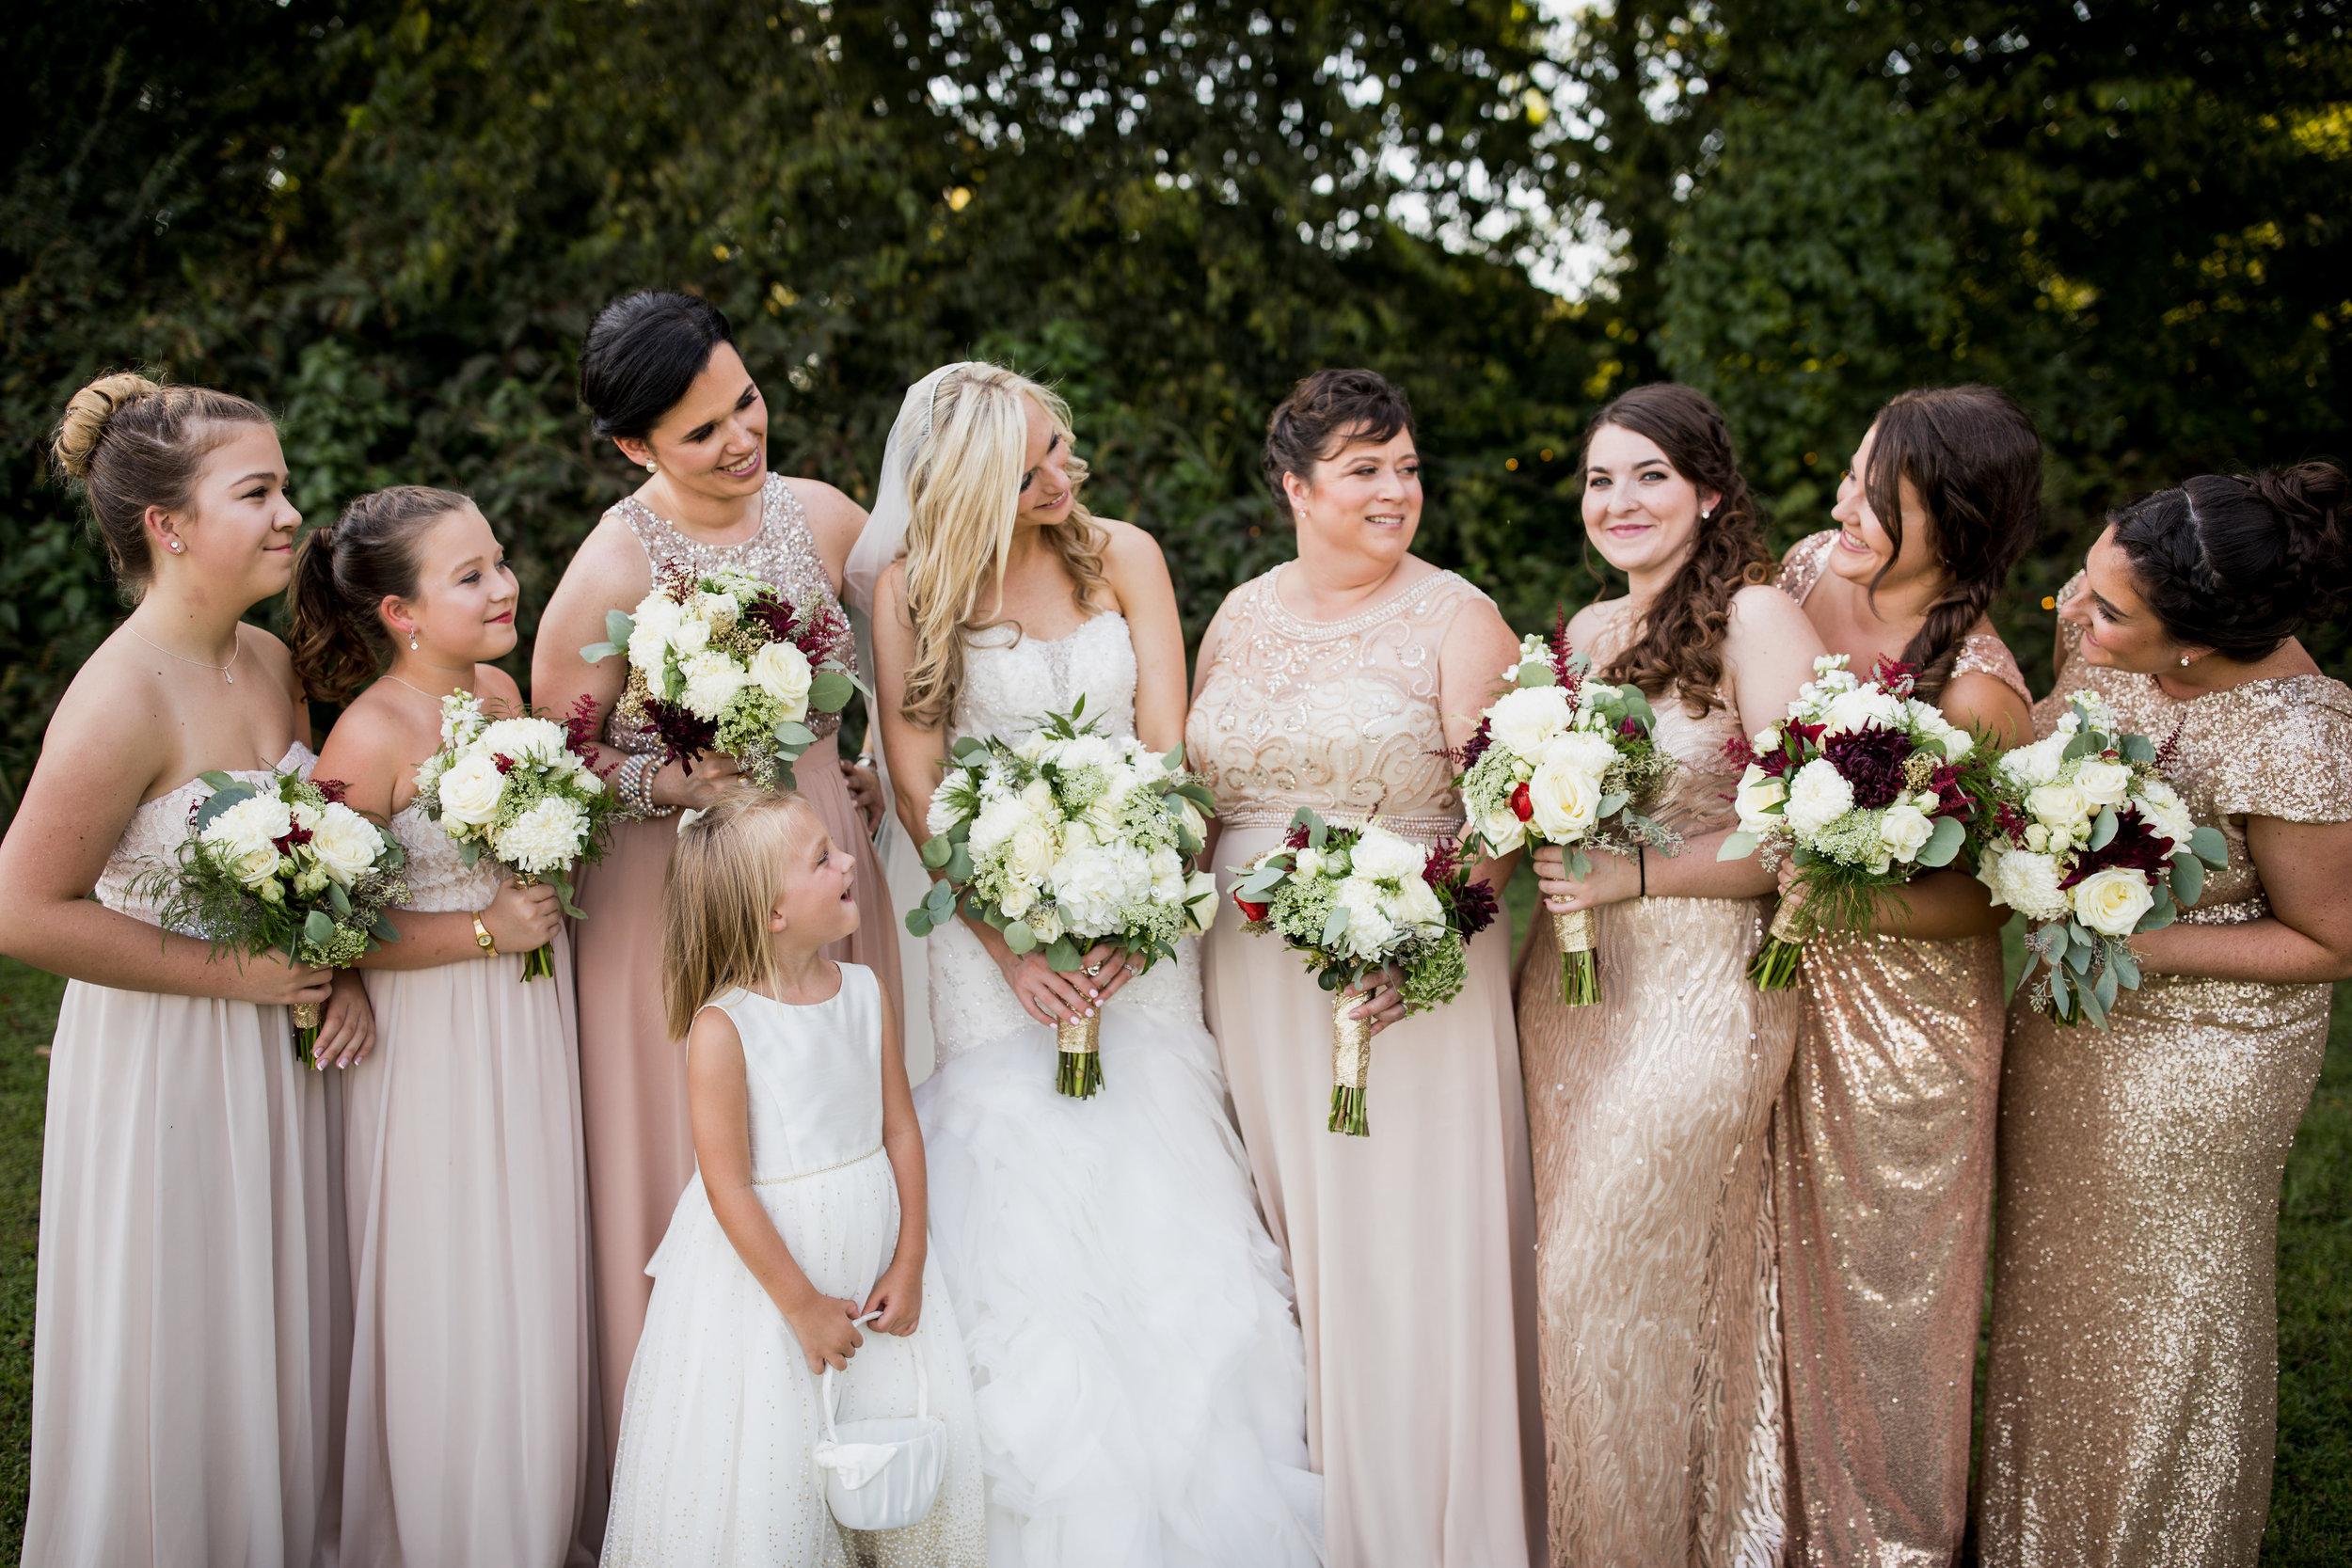 Meadow-Hill-Farm-Wedding 28.jpg